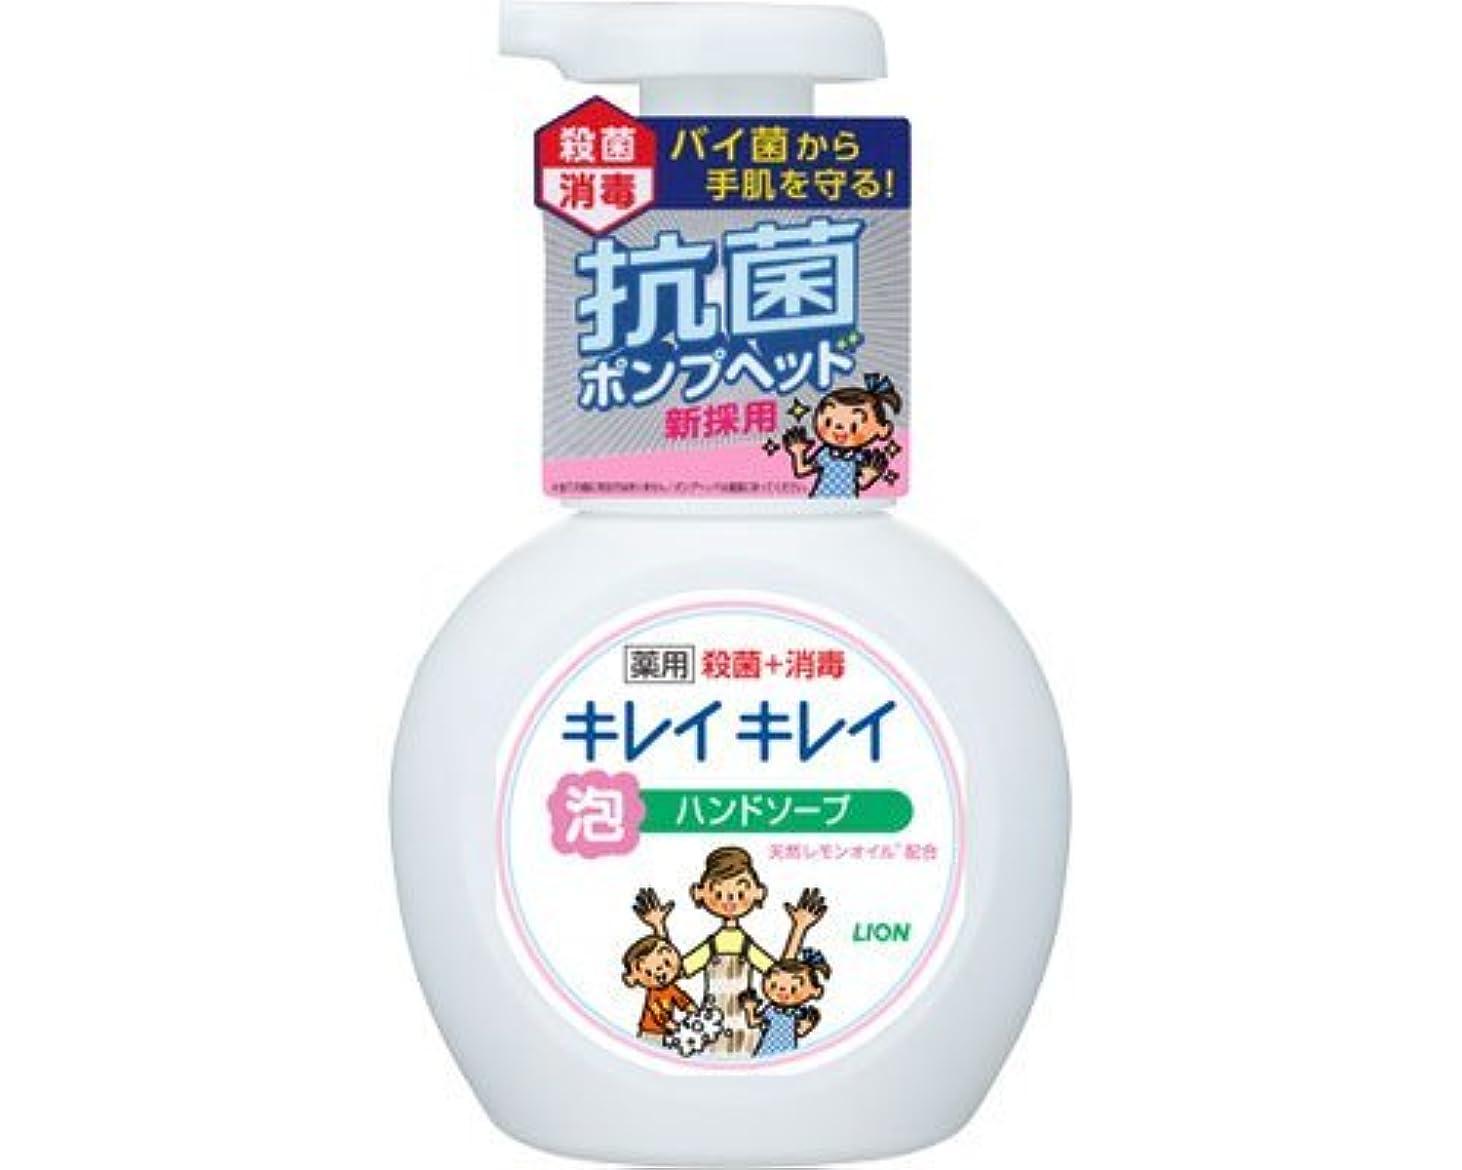 精査する告発者もちろんキレイキレイ薬用泡ハンドソープ 250mLポンプ (ライオン) (手指洗浄)